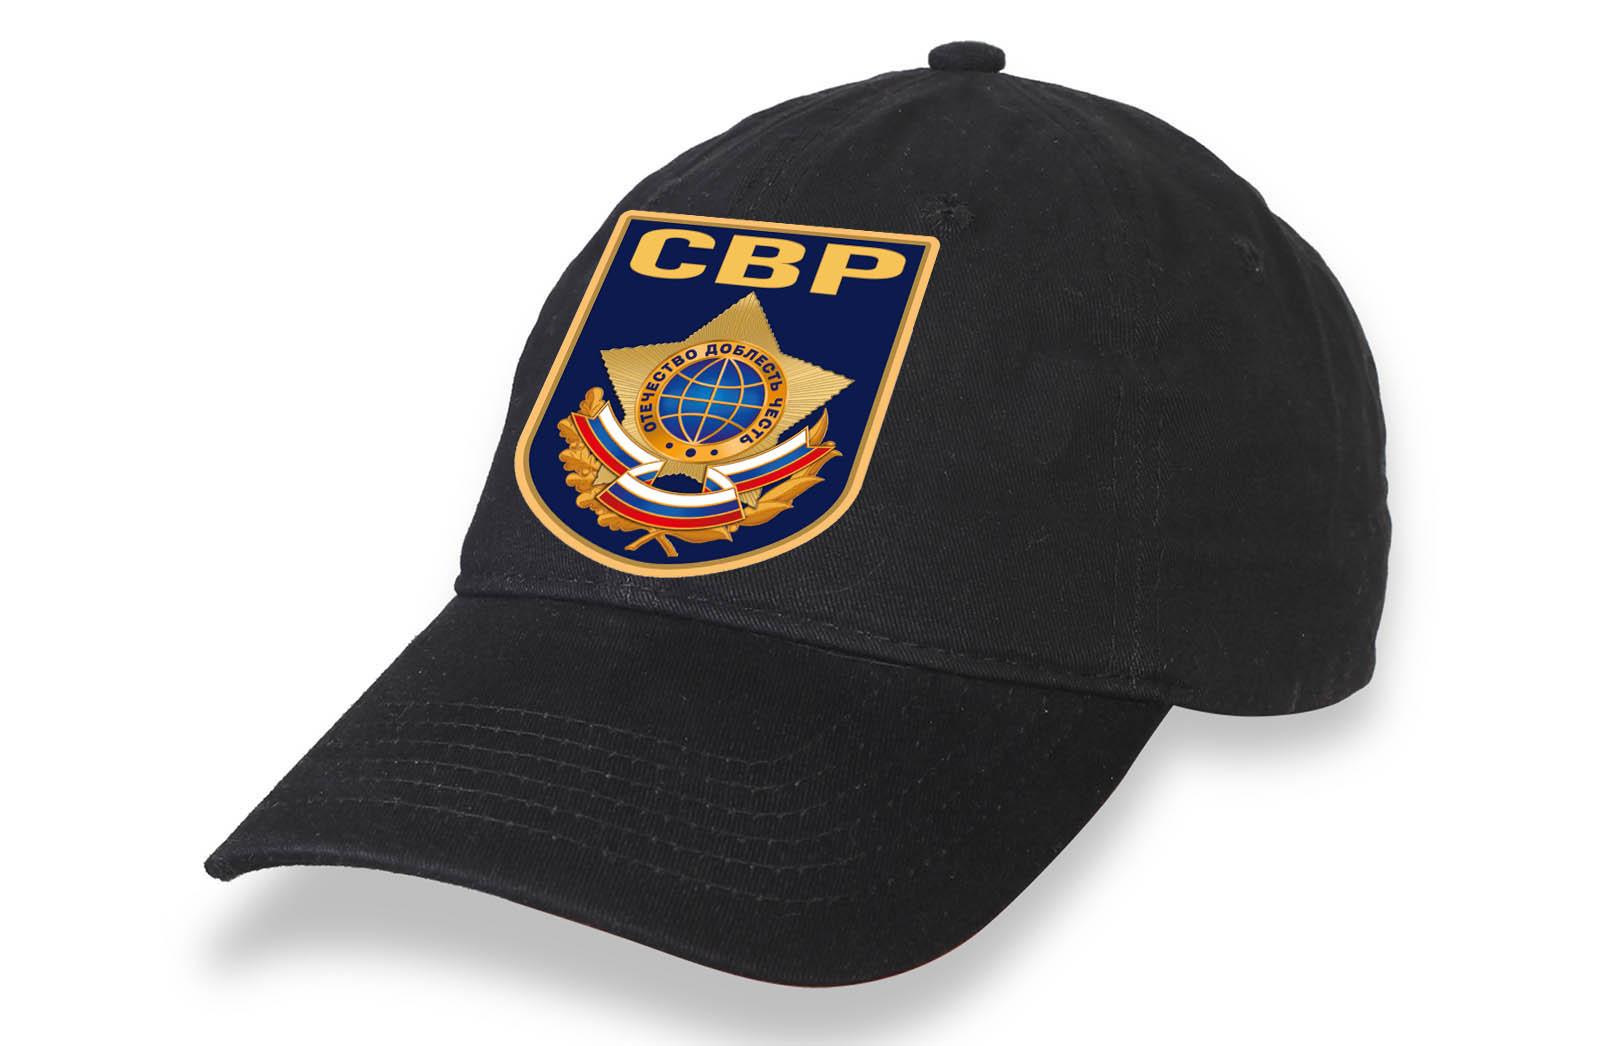 Чёрная бейсболка Служба внешней разведки